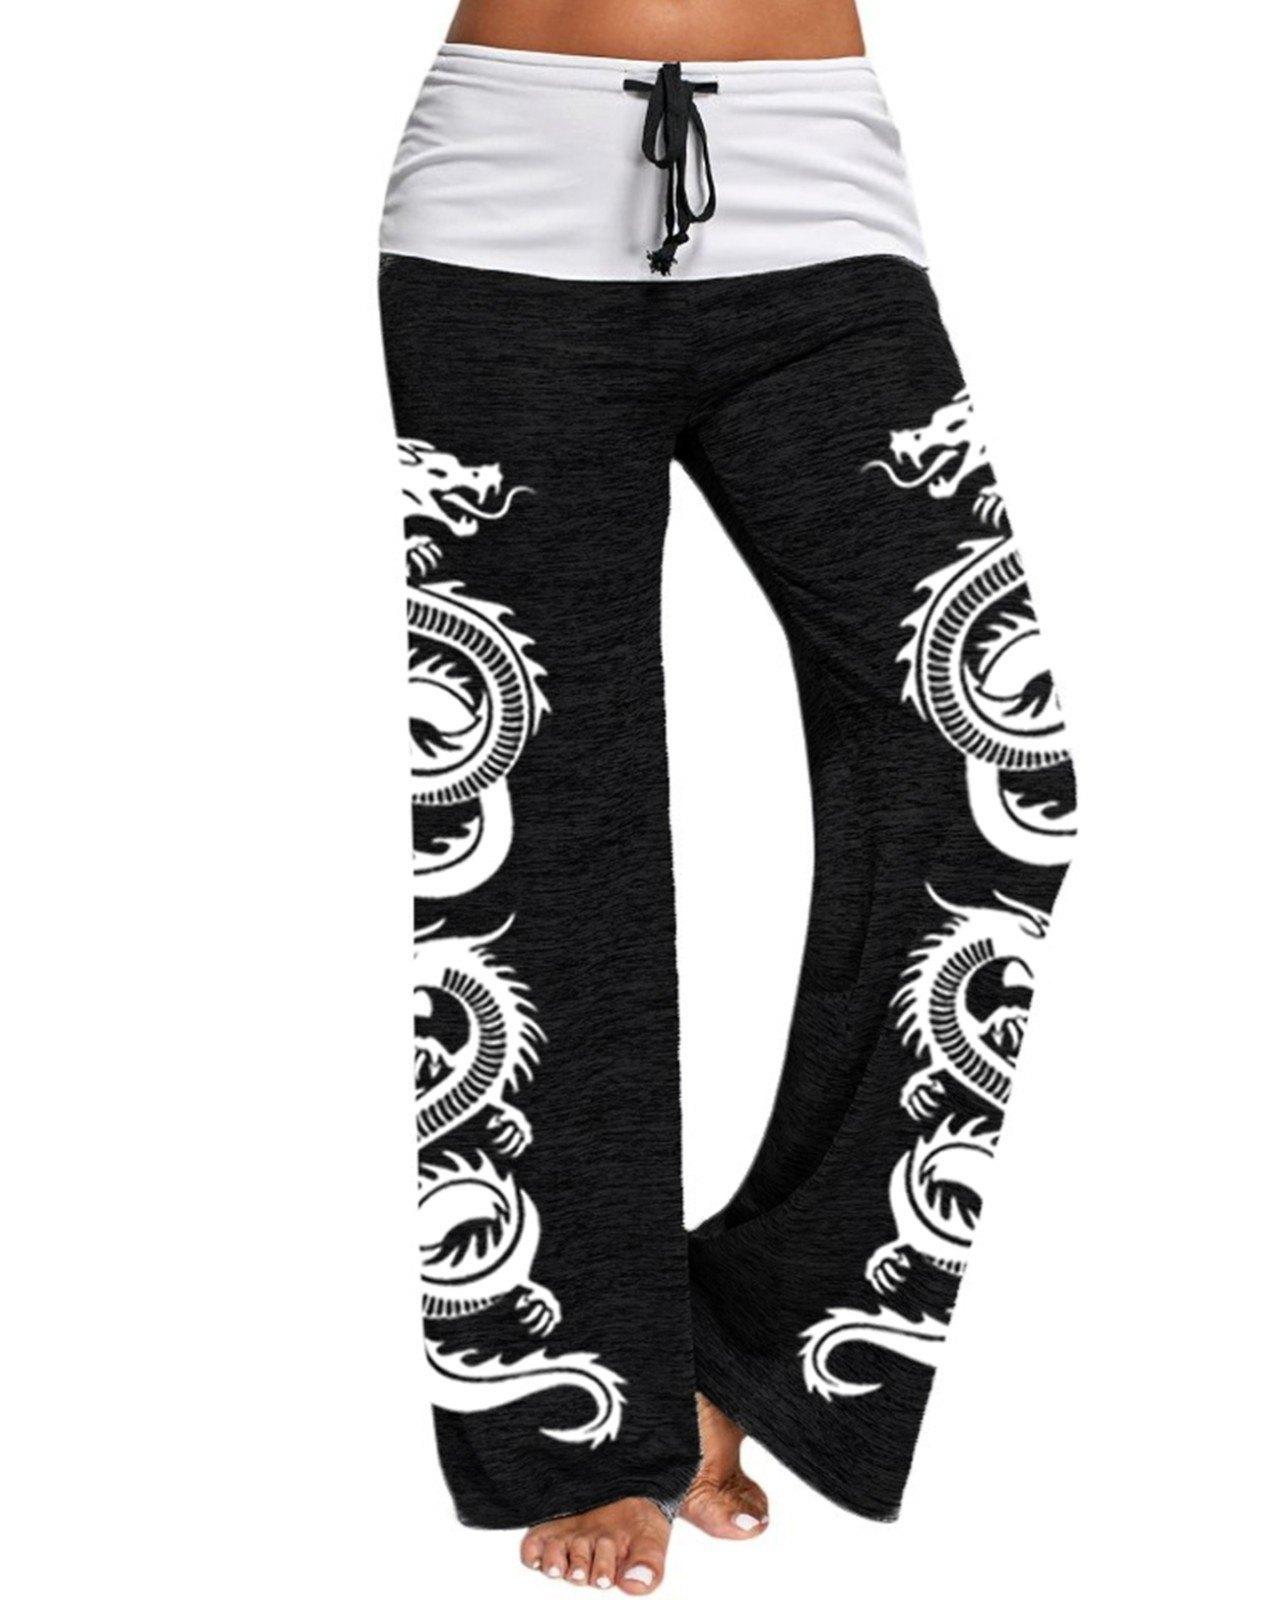 Pantaloni da yoga attivi stampati con elemento di drago in pizzo a vita alta - Nero 2XL